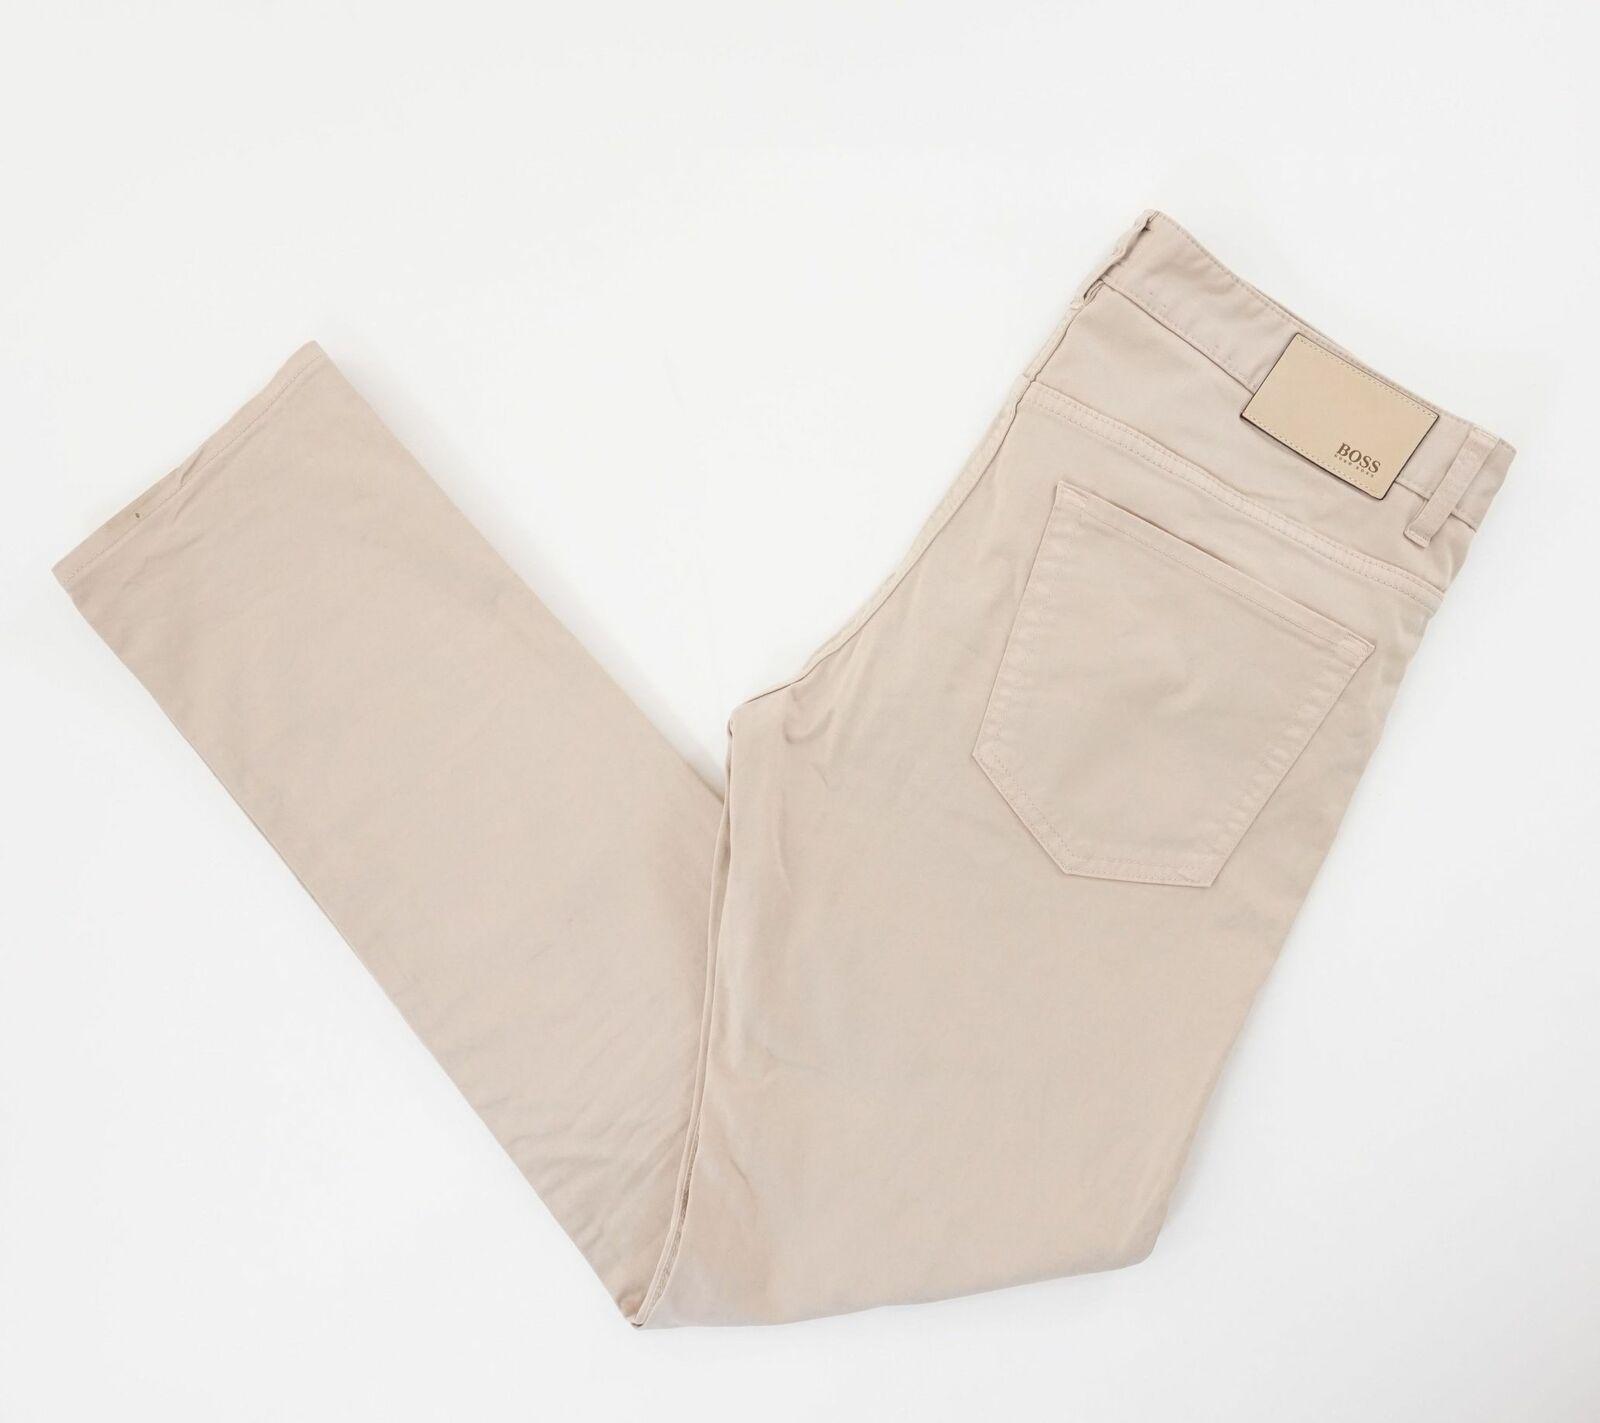 HUGO BOSS Jeans Hose Delaware3-1-20 W33 L32 33/32 beige gerade Gabardine E2585